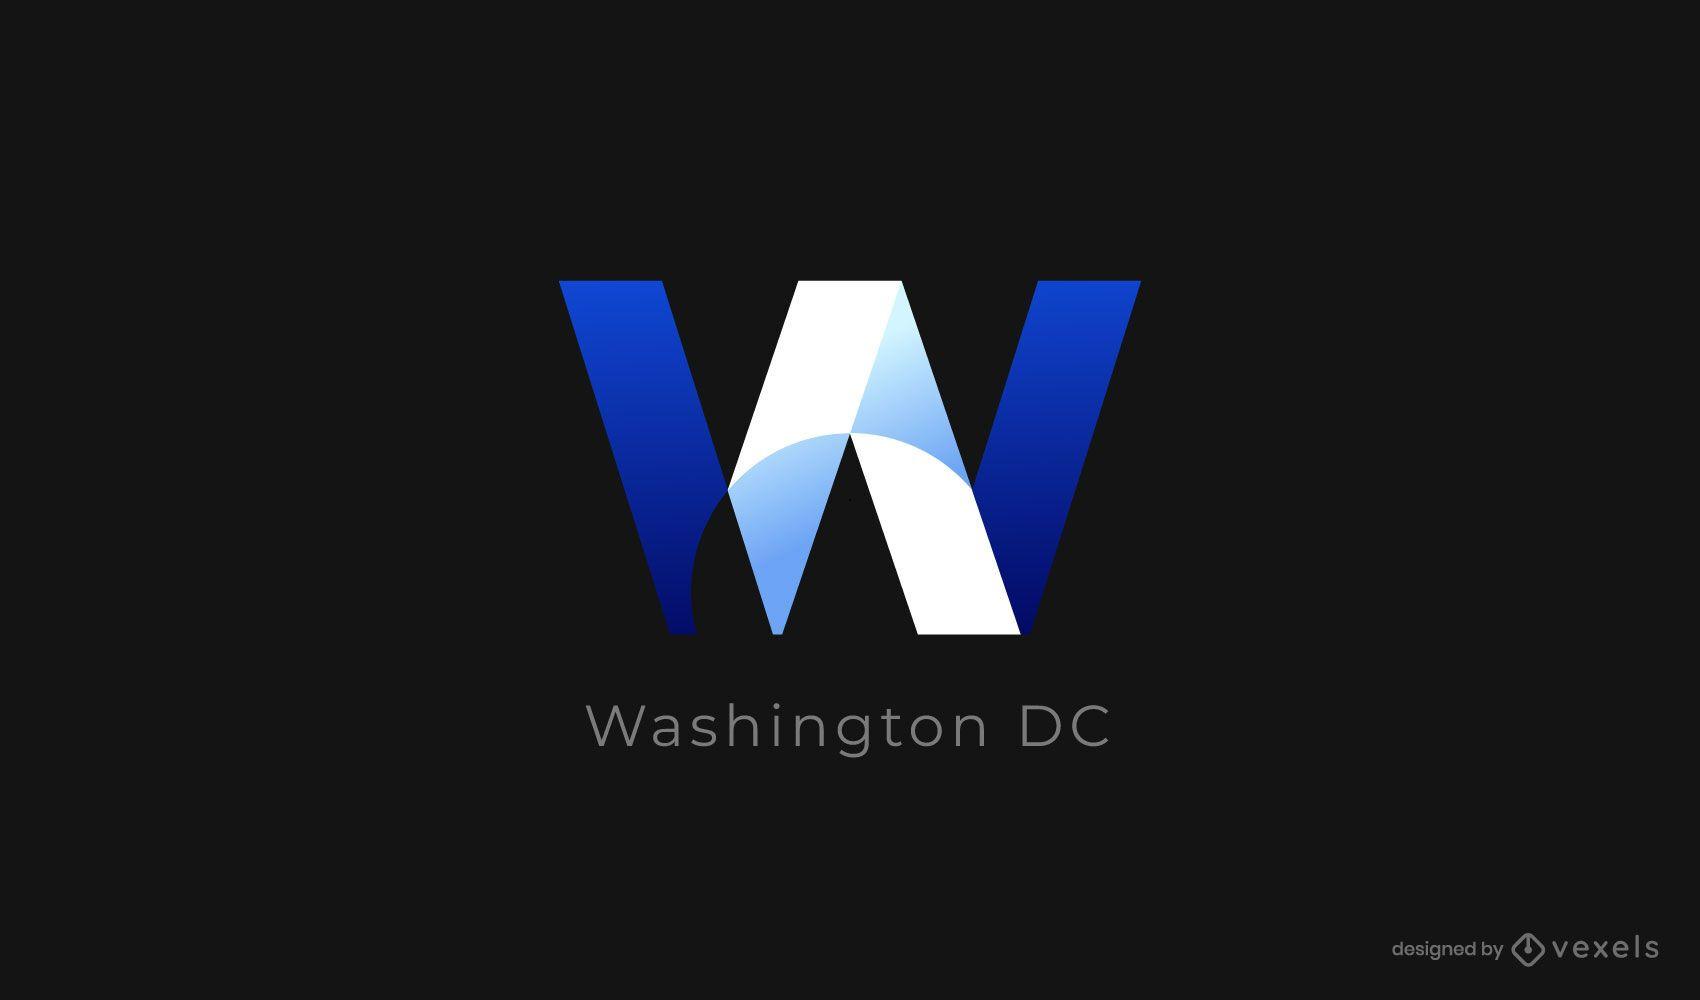 diseño de logo de washington dc